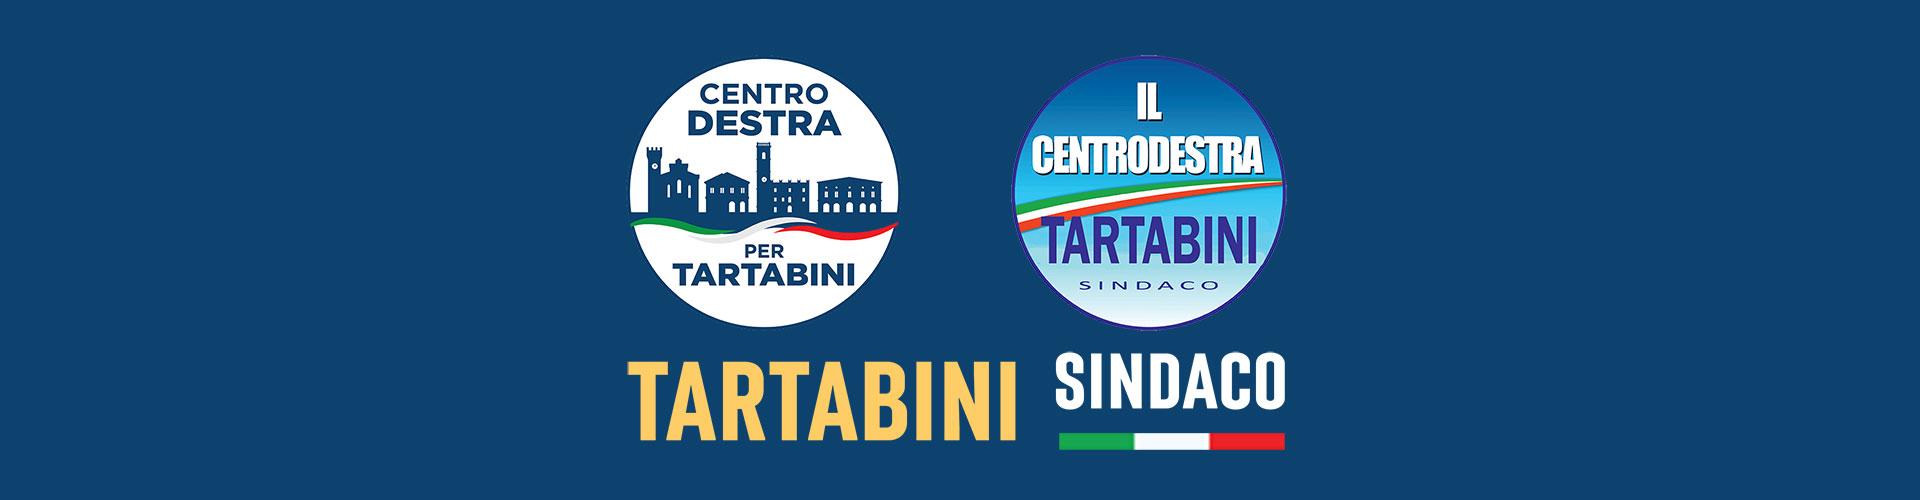 cd_tartabini